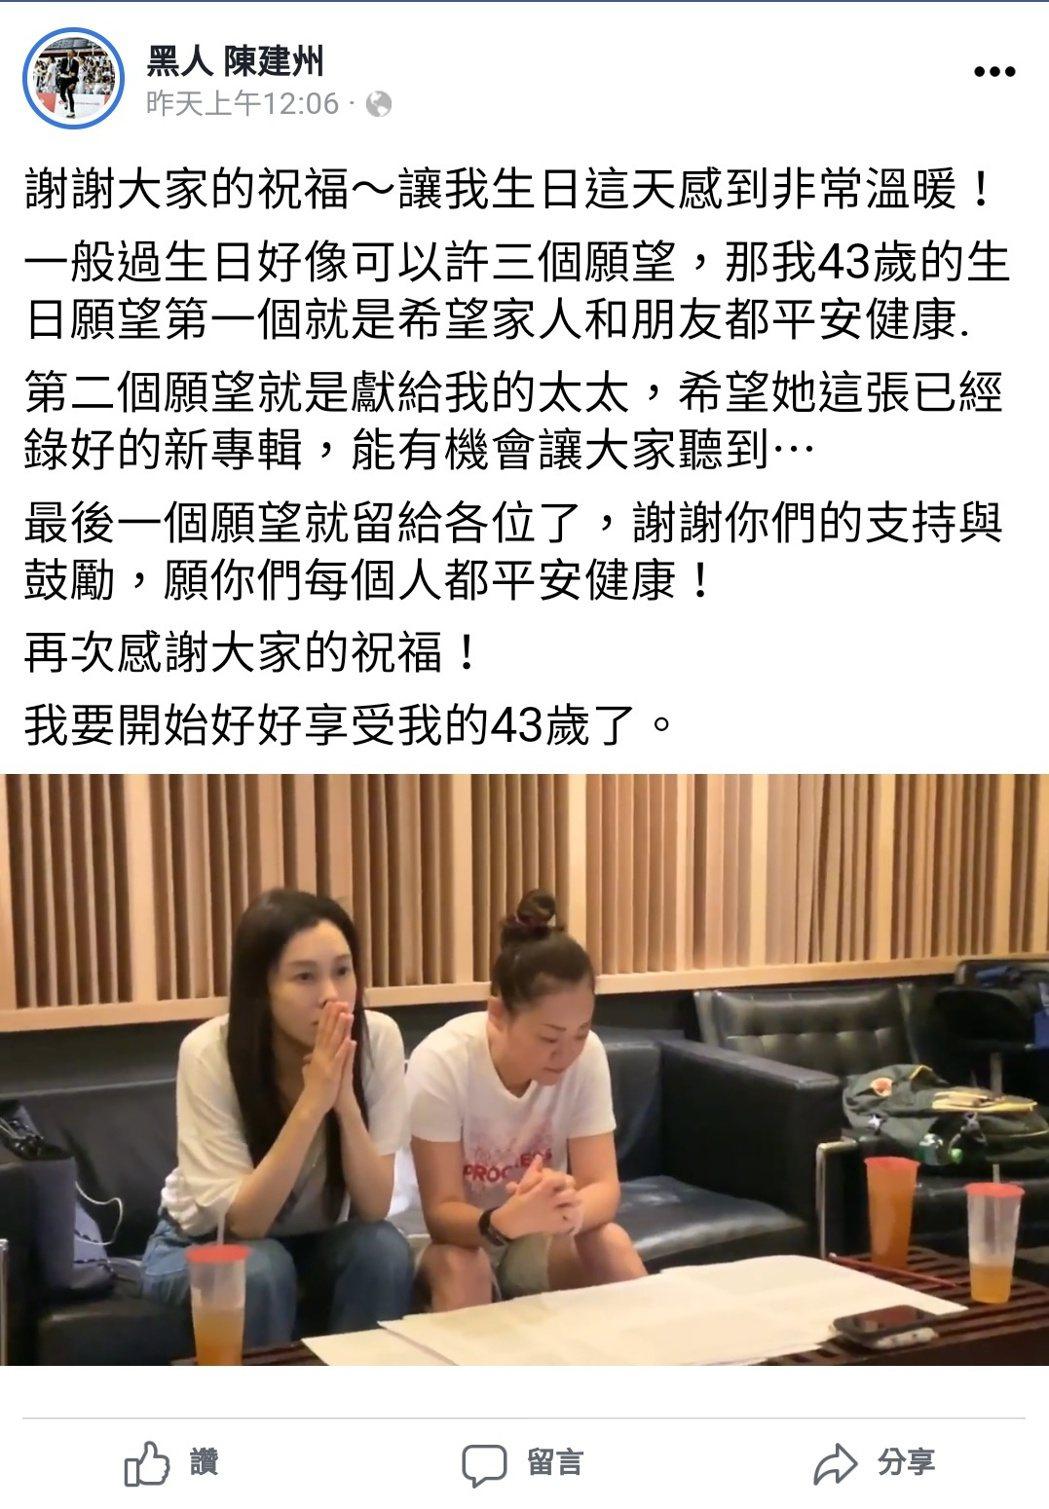 陳建州分享自己43歲的生日願望。 圖/擷自陳建州臉書